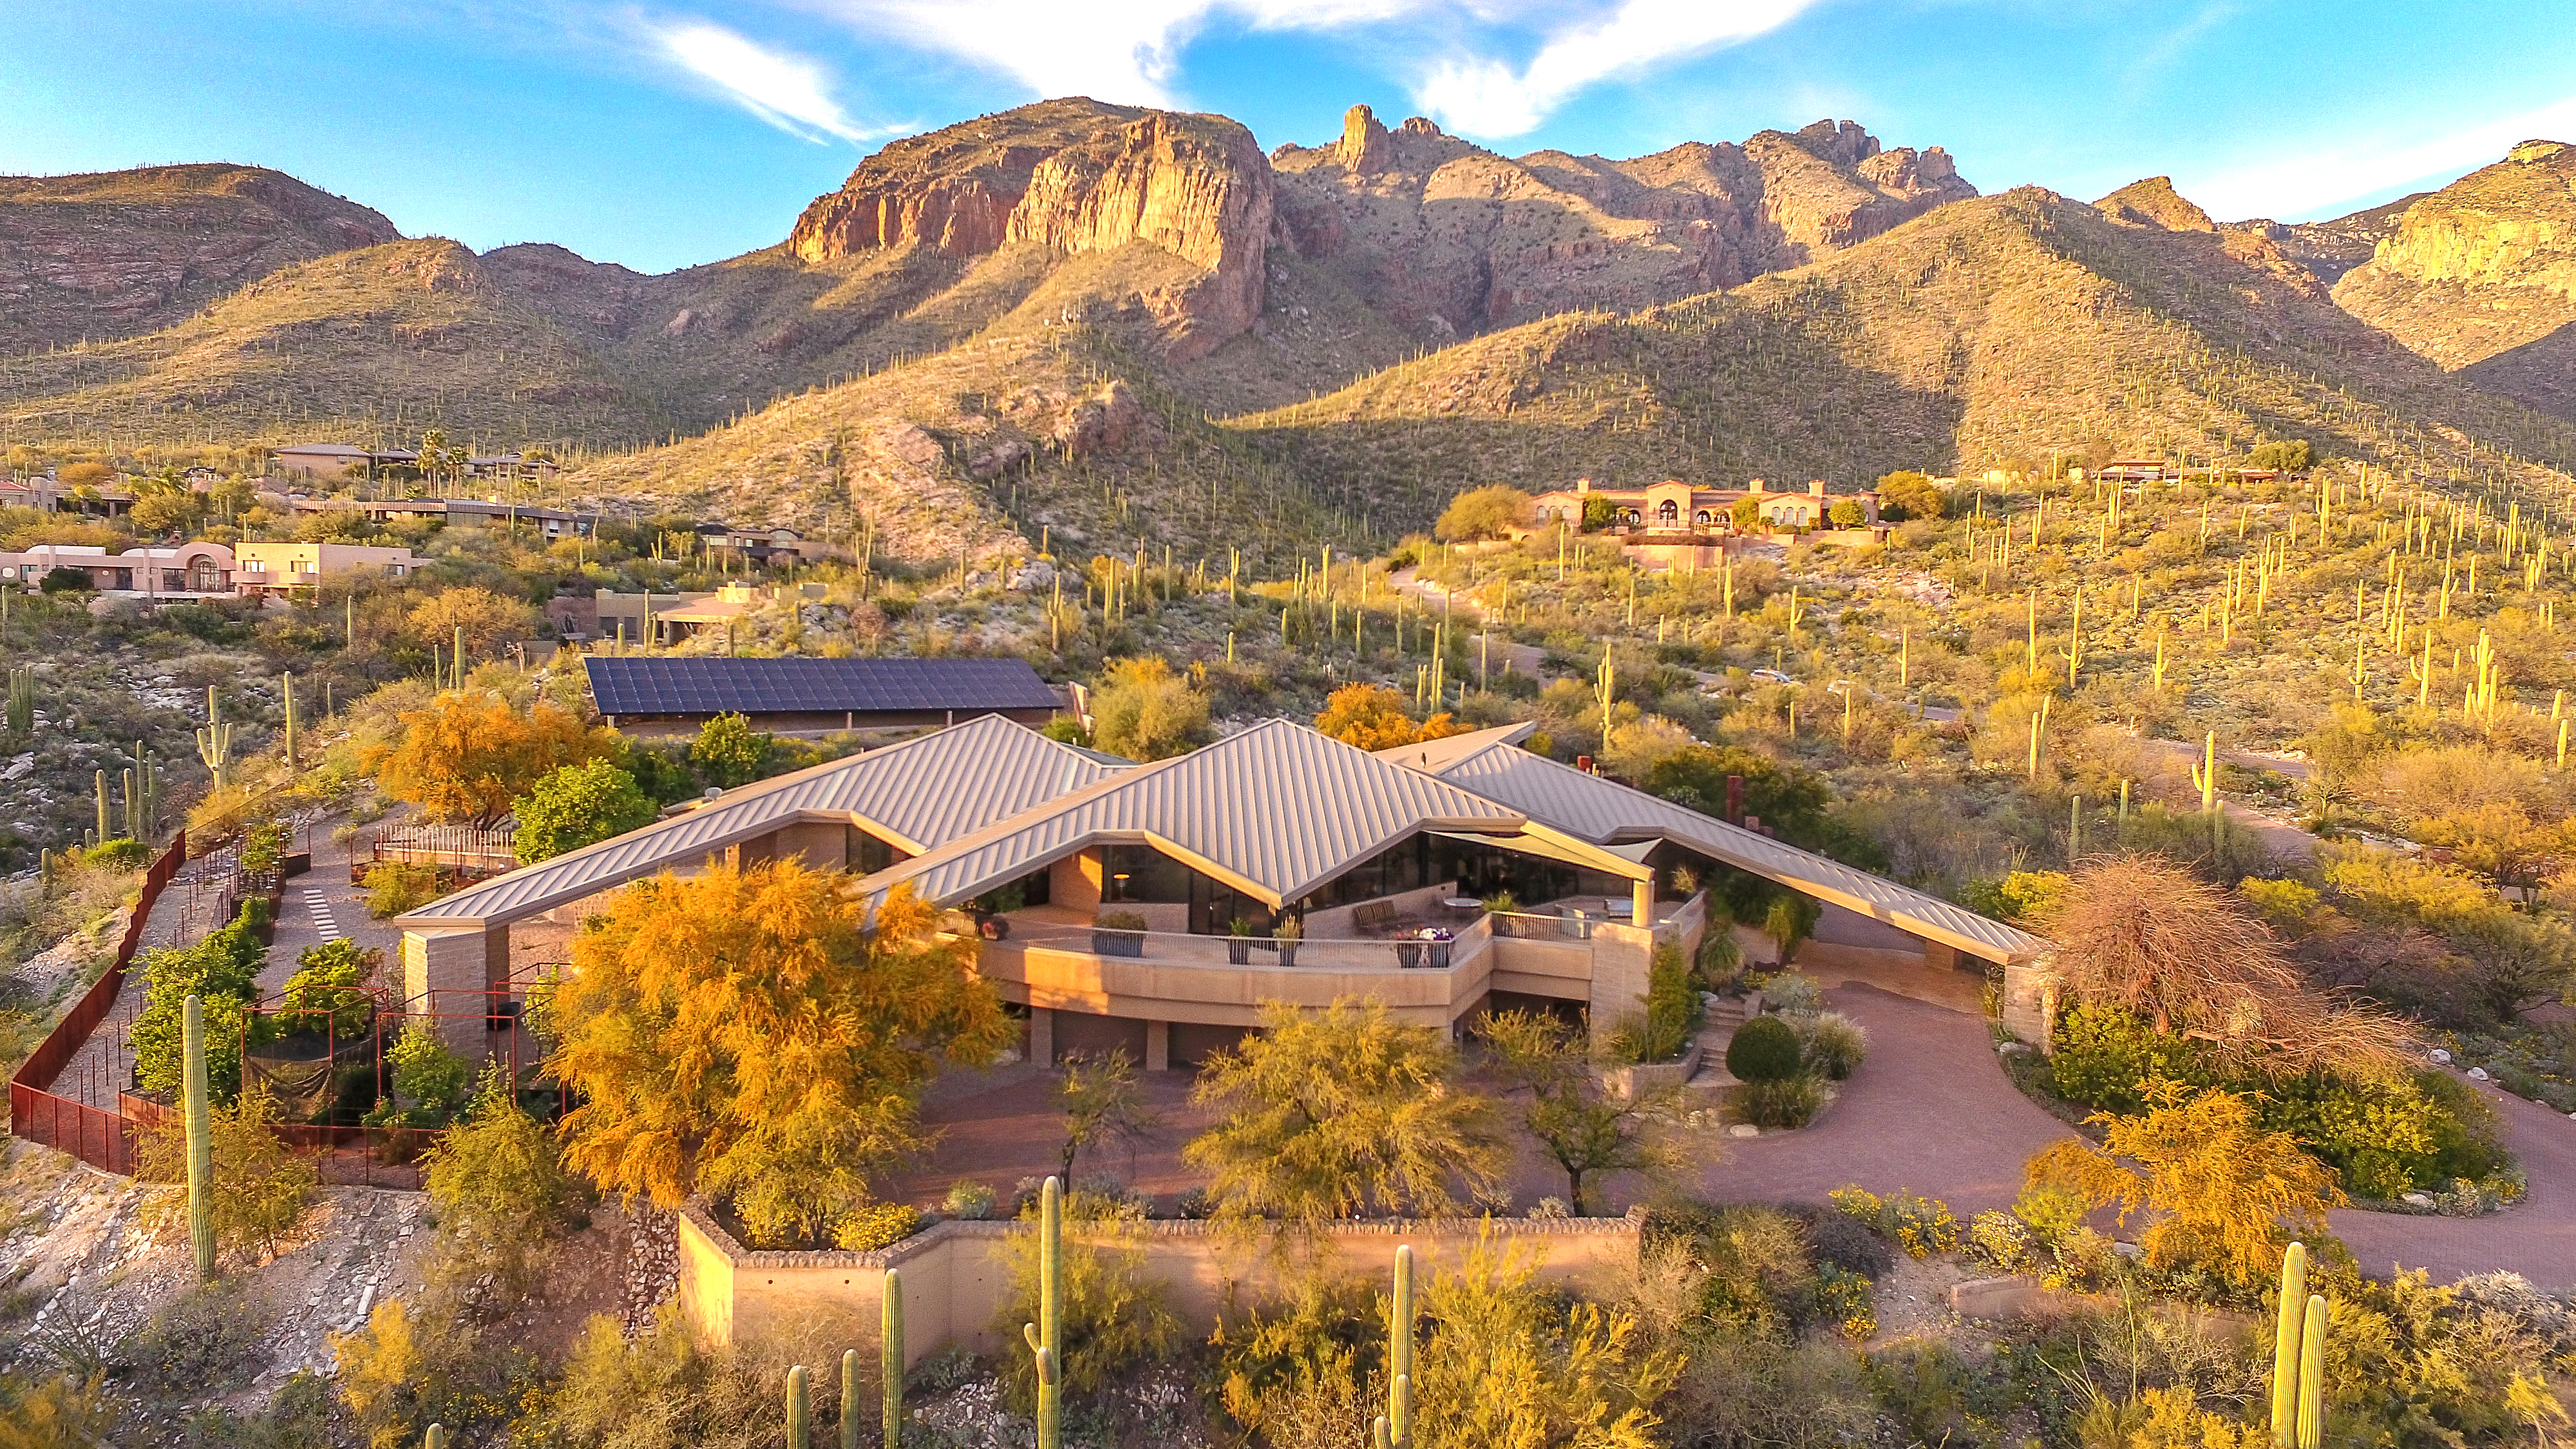 7403 N. Secret Canyon Dr. in Tucson represented by Susanne Grogan of Grogan & Grogan